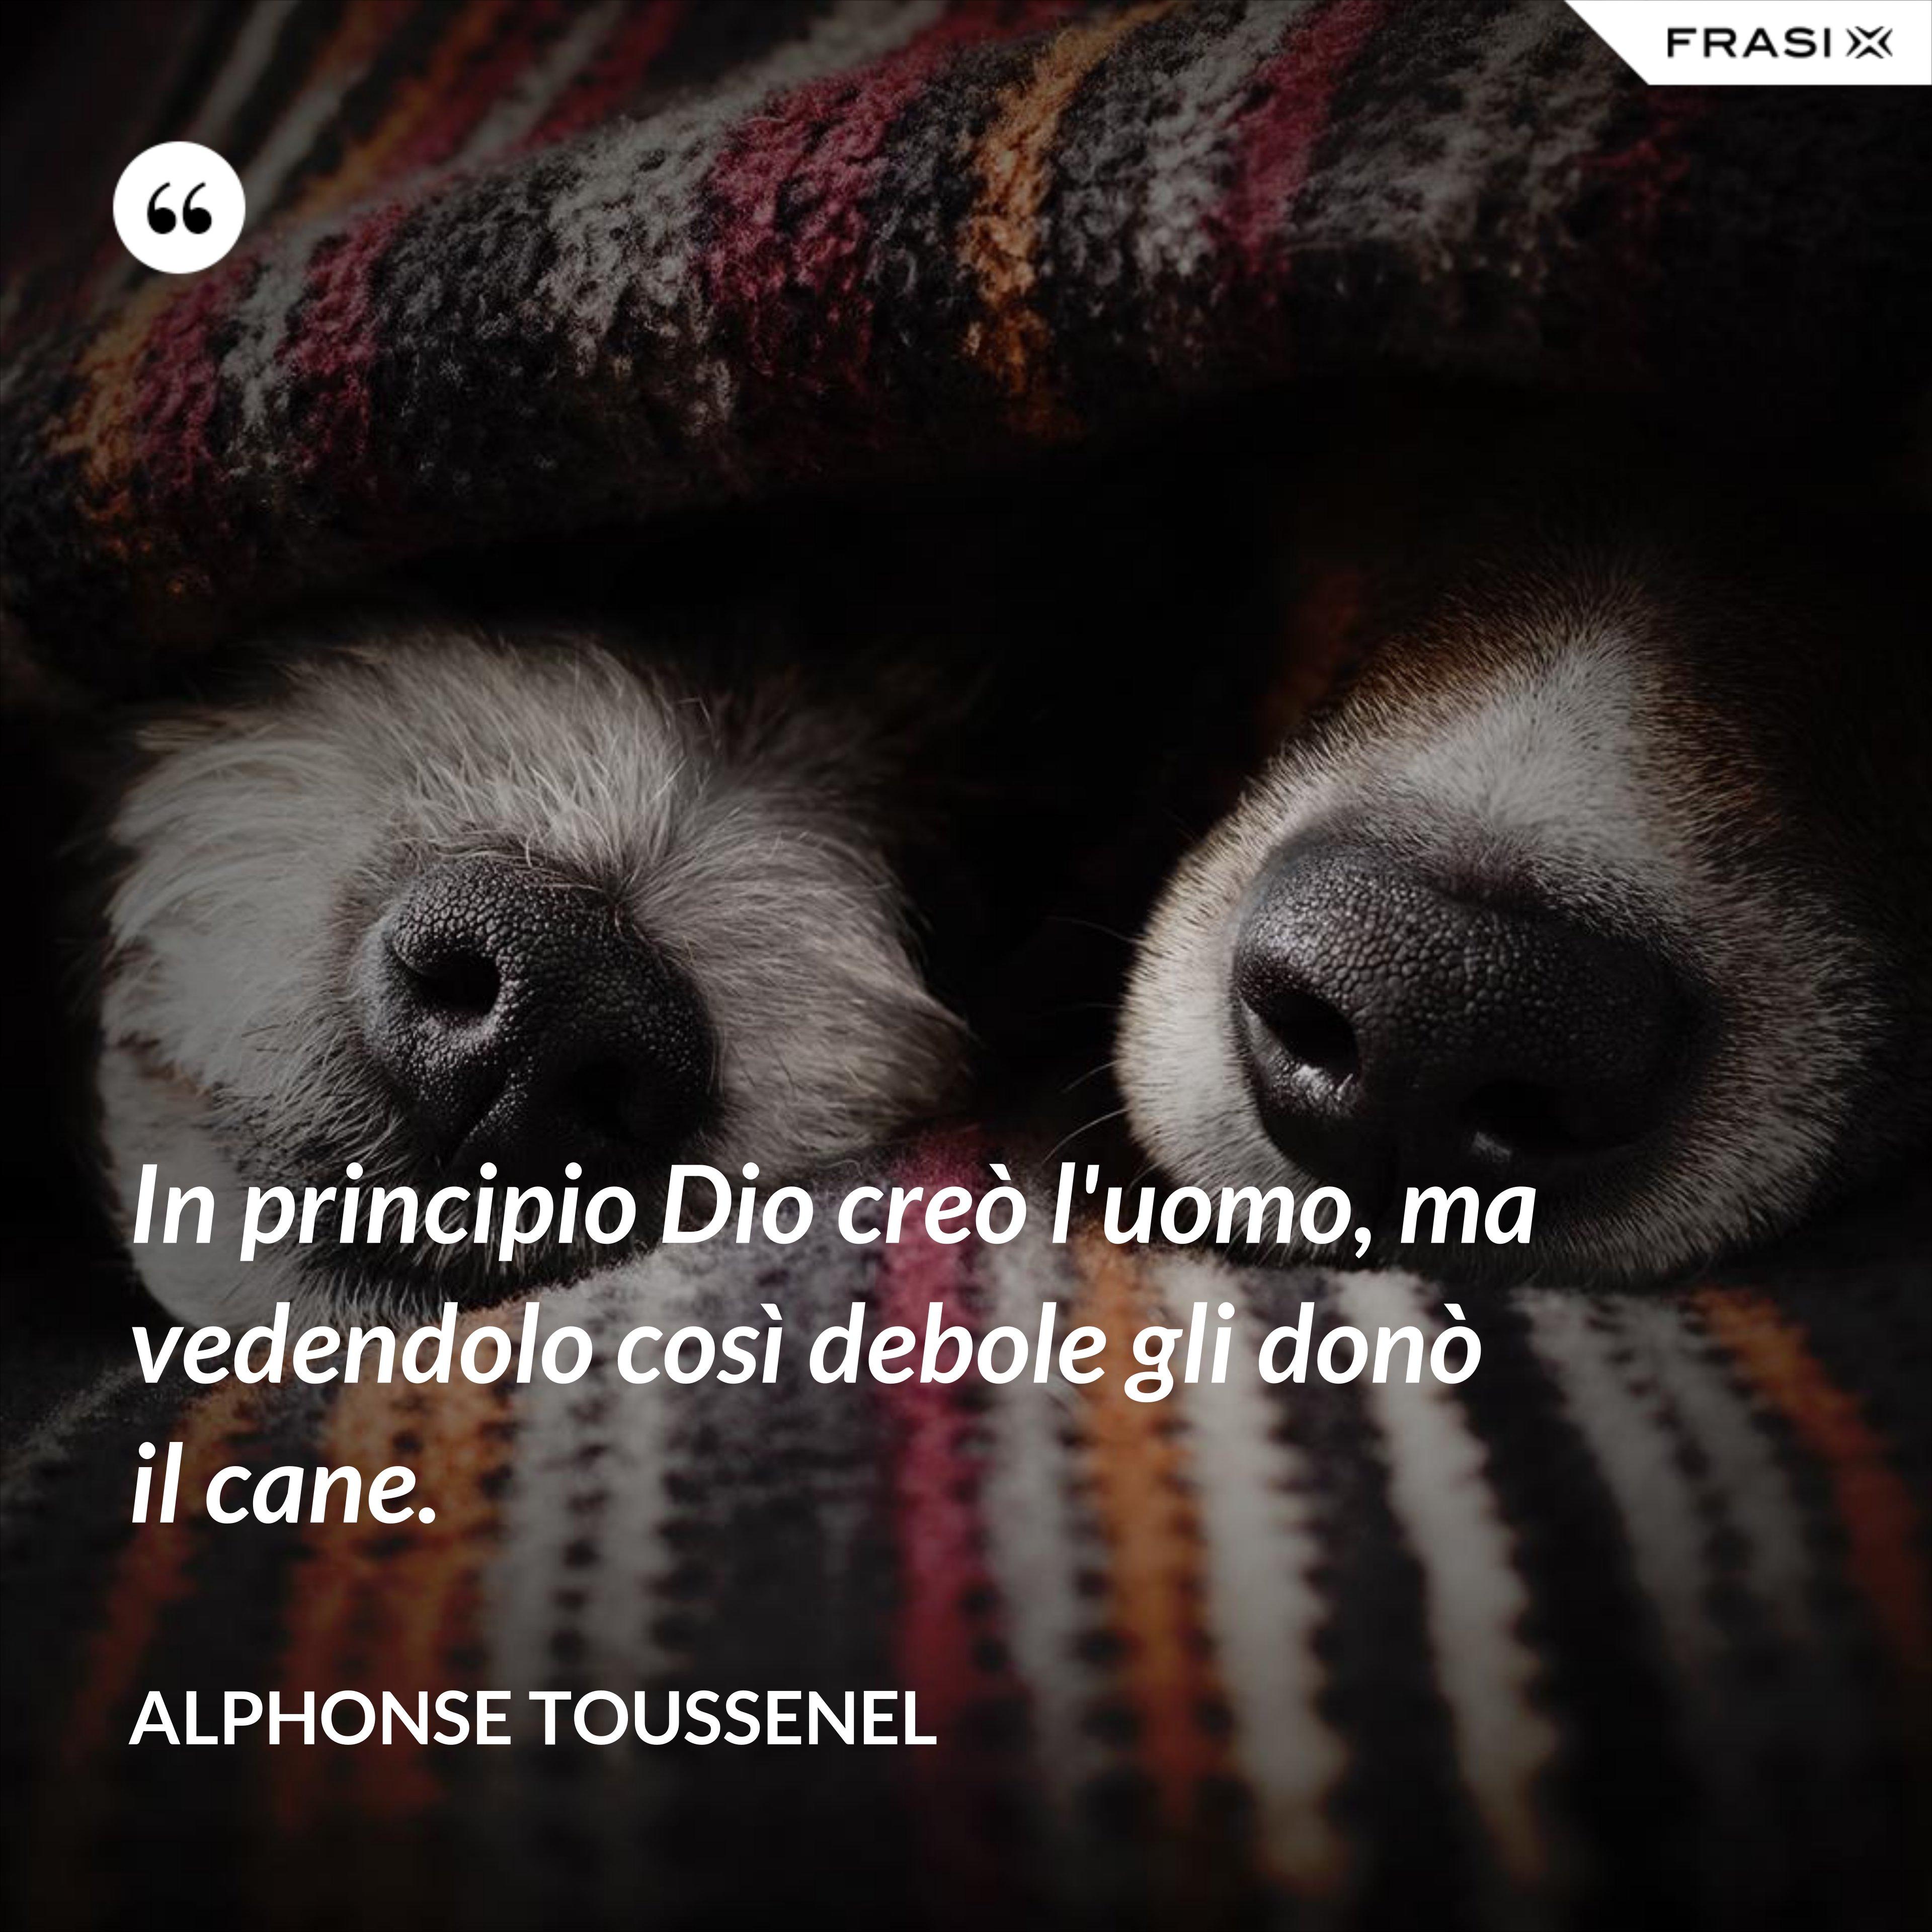 In principio Dio creò l'uomo, ma vedendolo così debole gli donò il cane. - Alphonse Toussenel